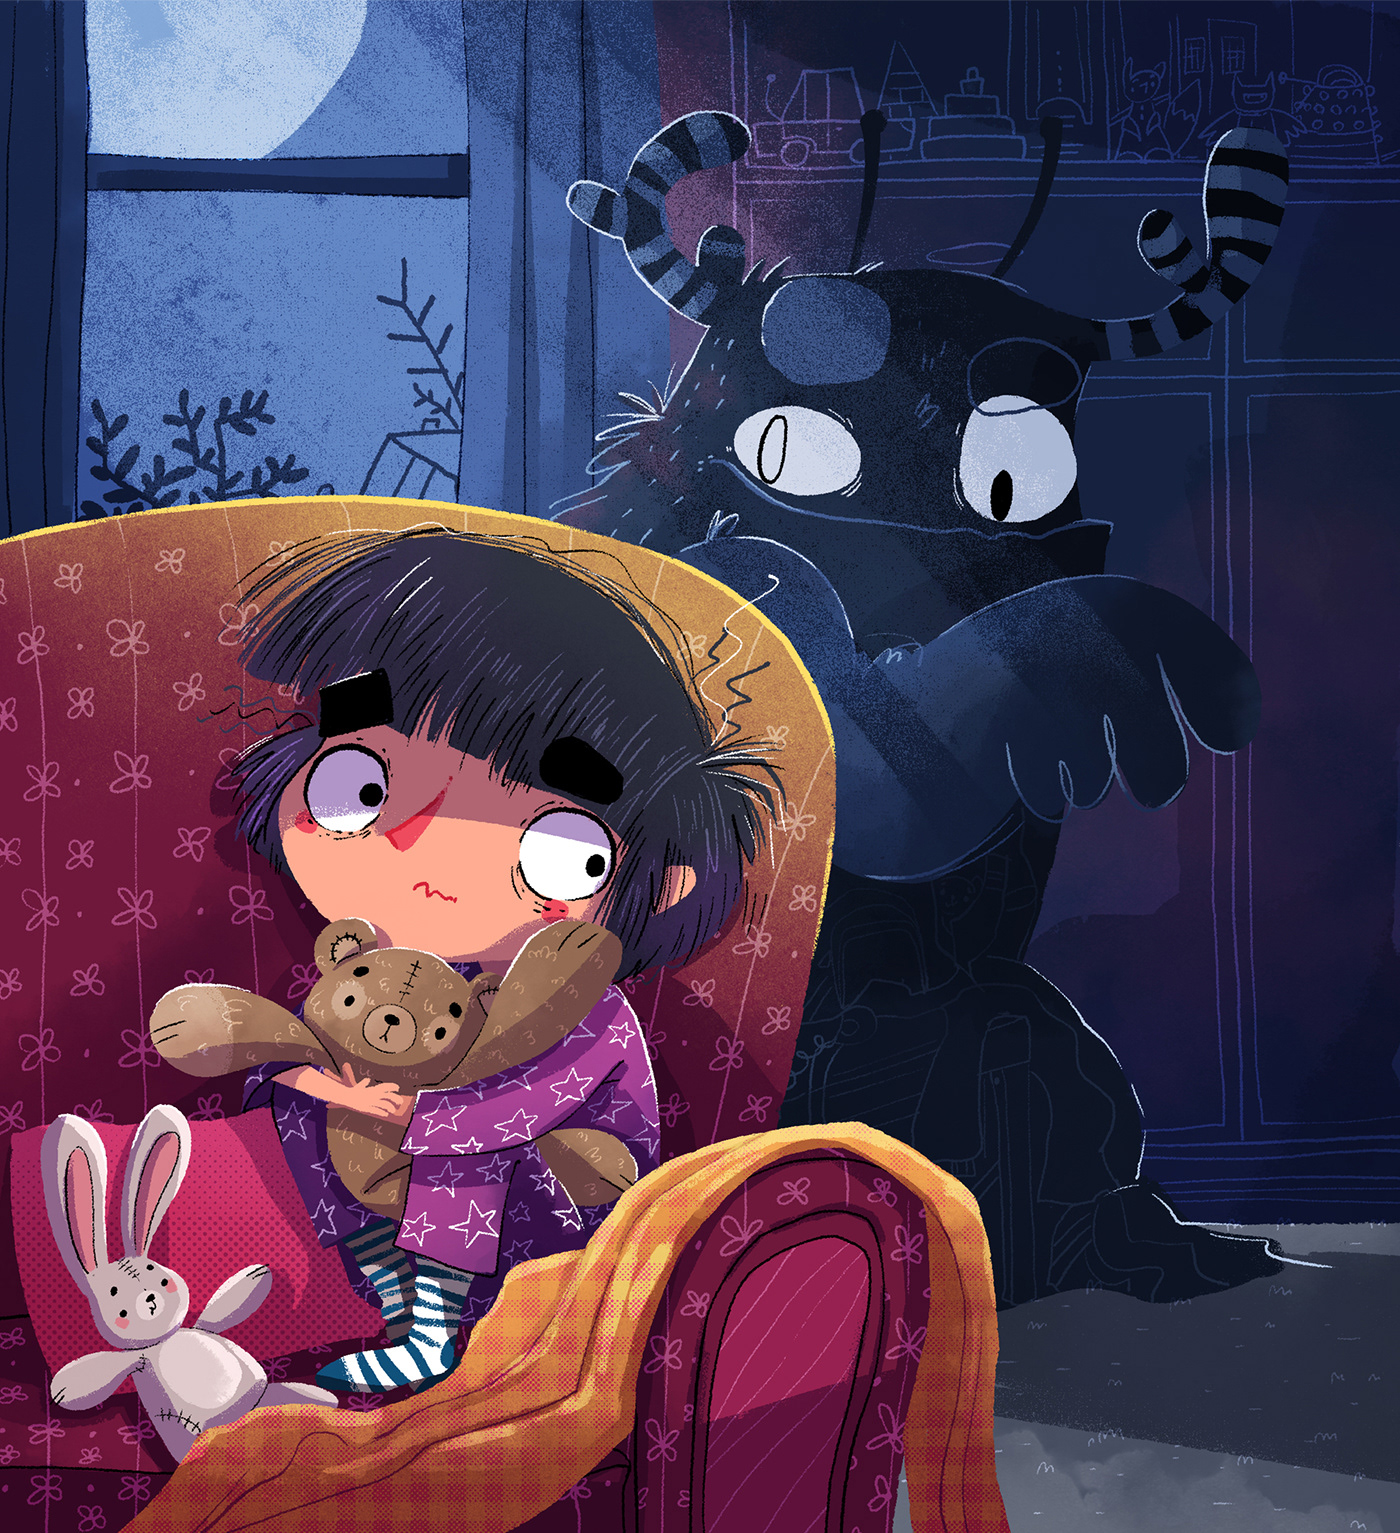 children childrenbook fear ILLUSTRATION  kidlit Kidsbook story